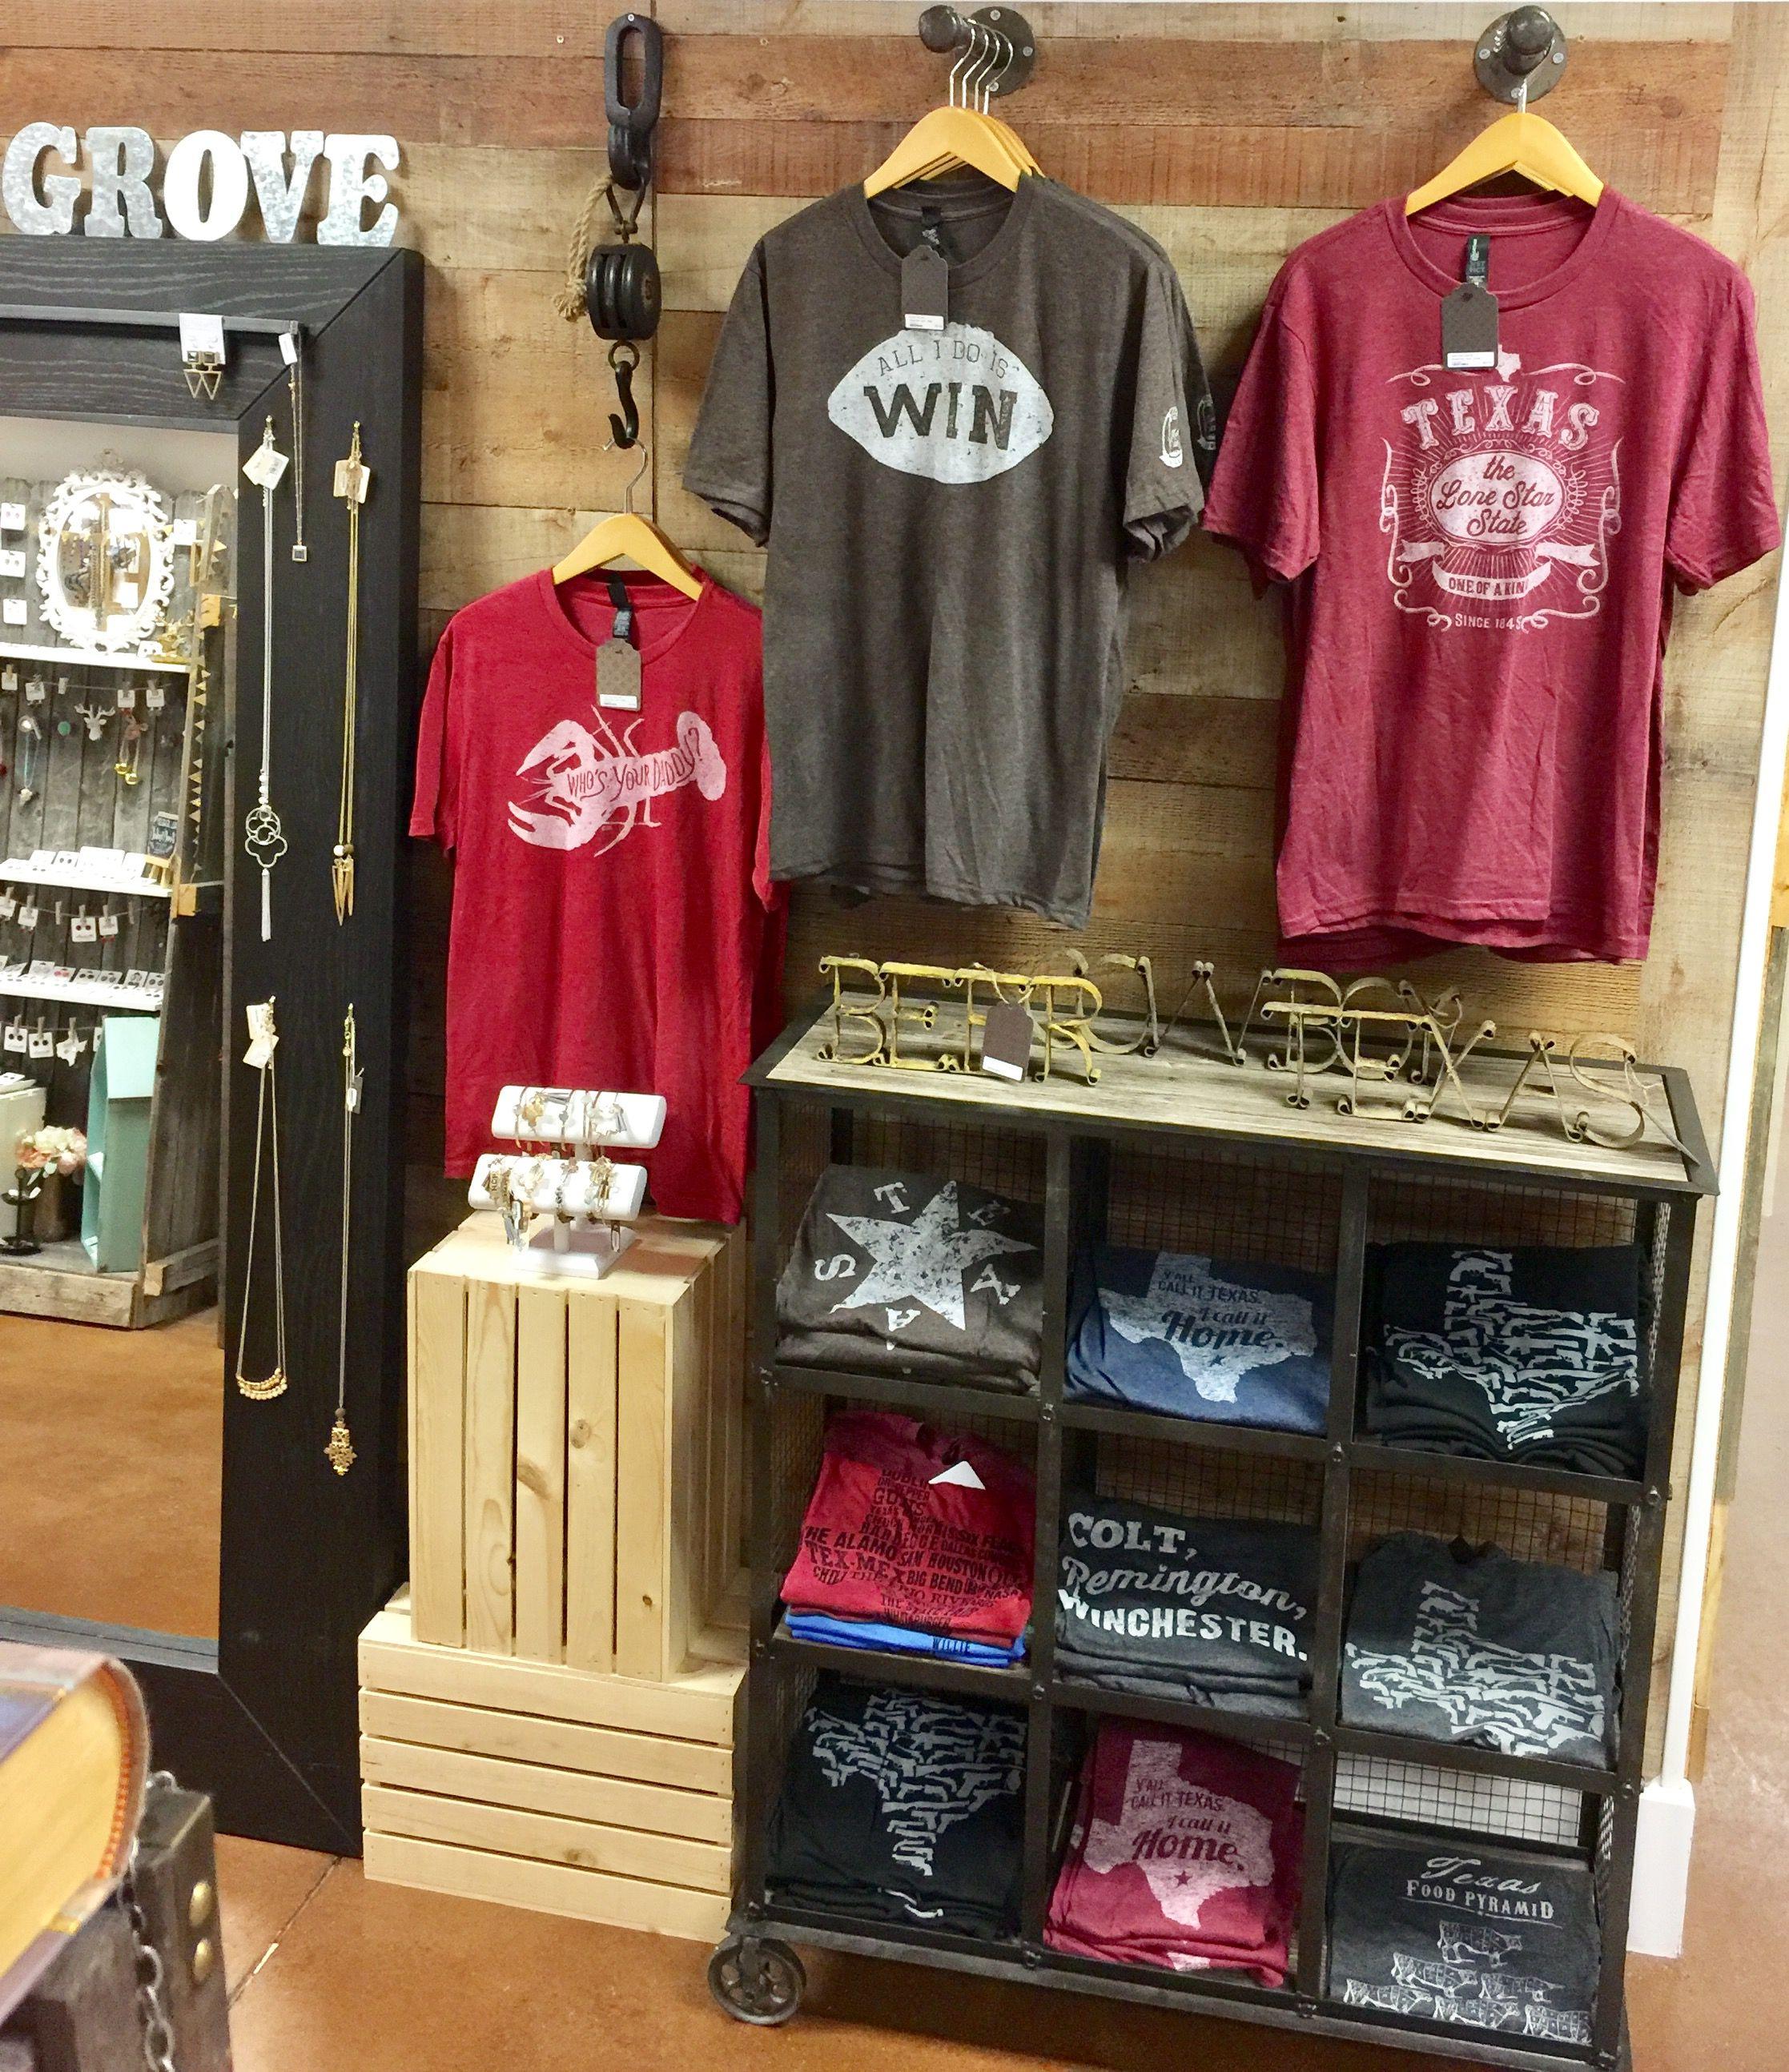 Cool tshirt display retail display for Retail shirt display ideas